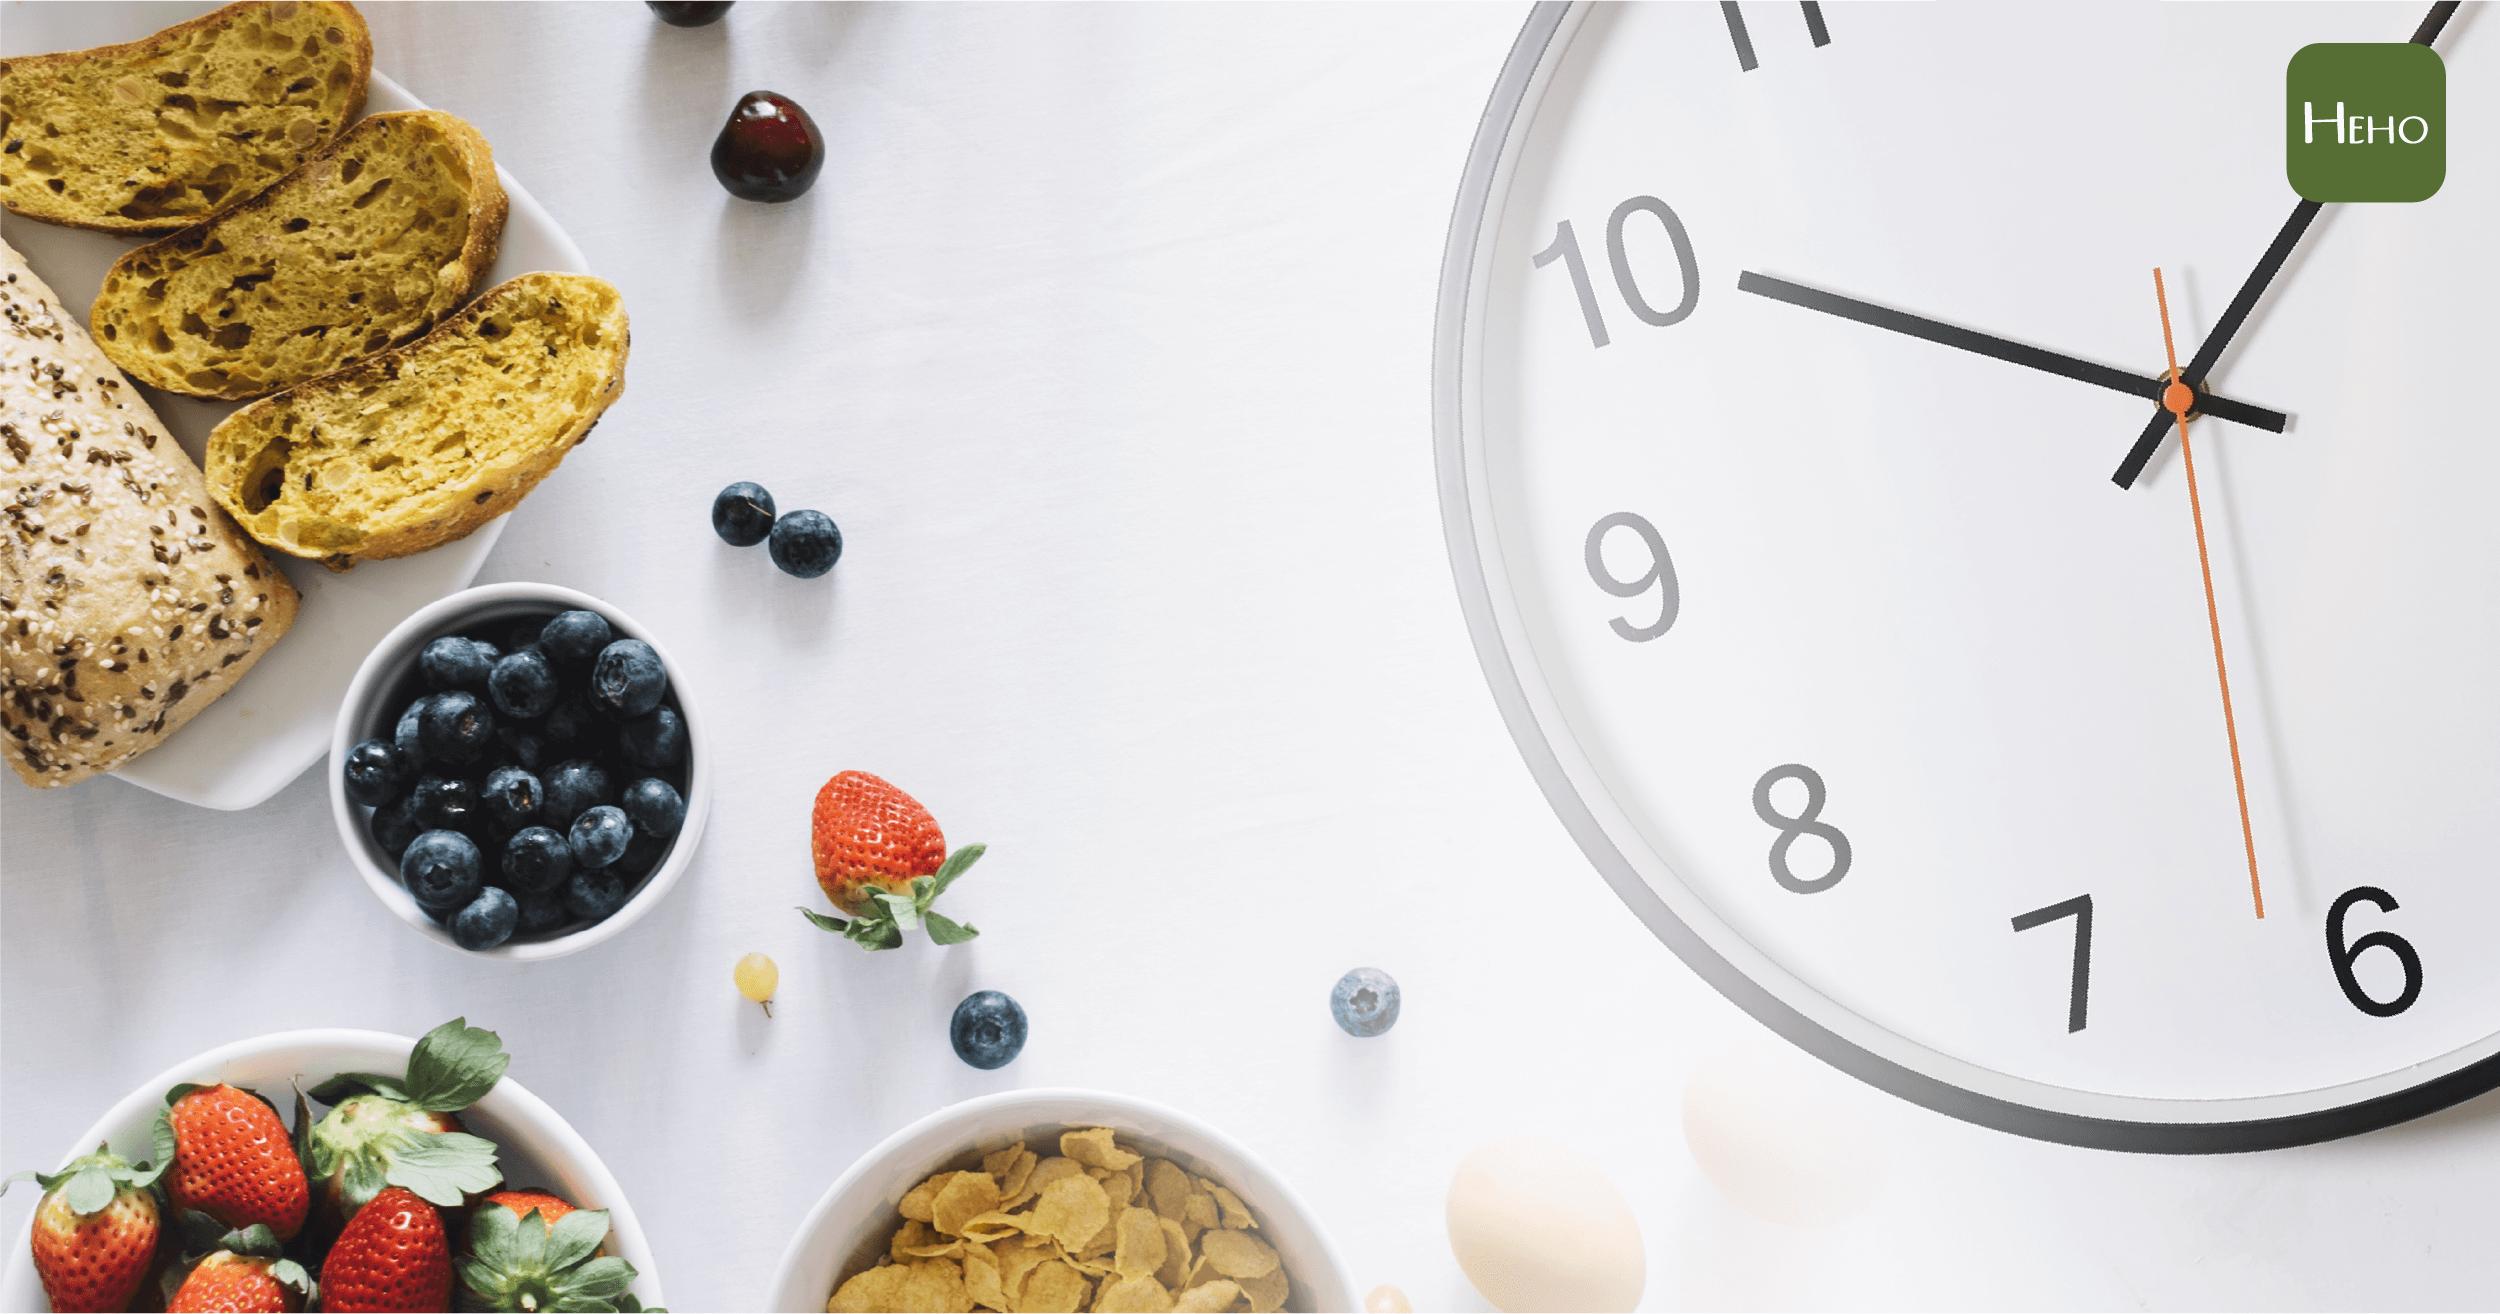 食量不減也能減肥!營養師推薦超容易做到的「168斷食法」